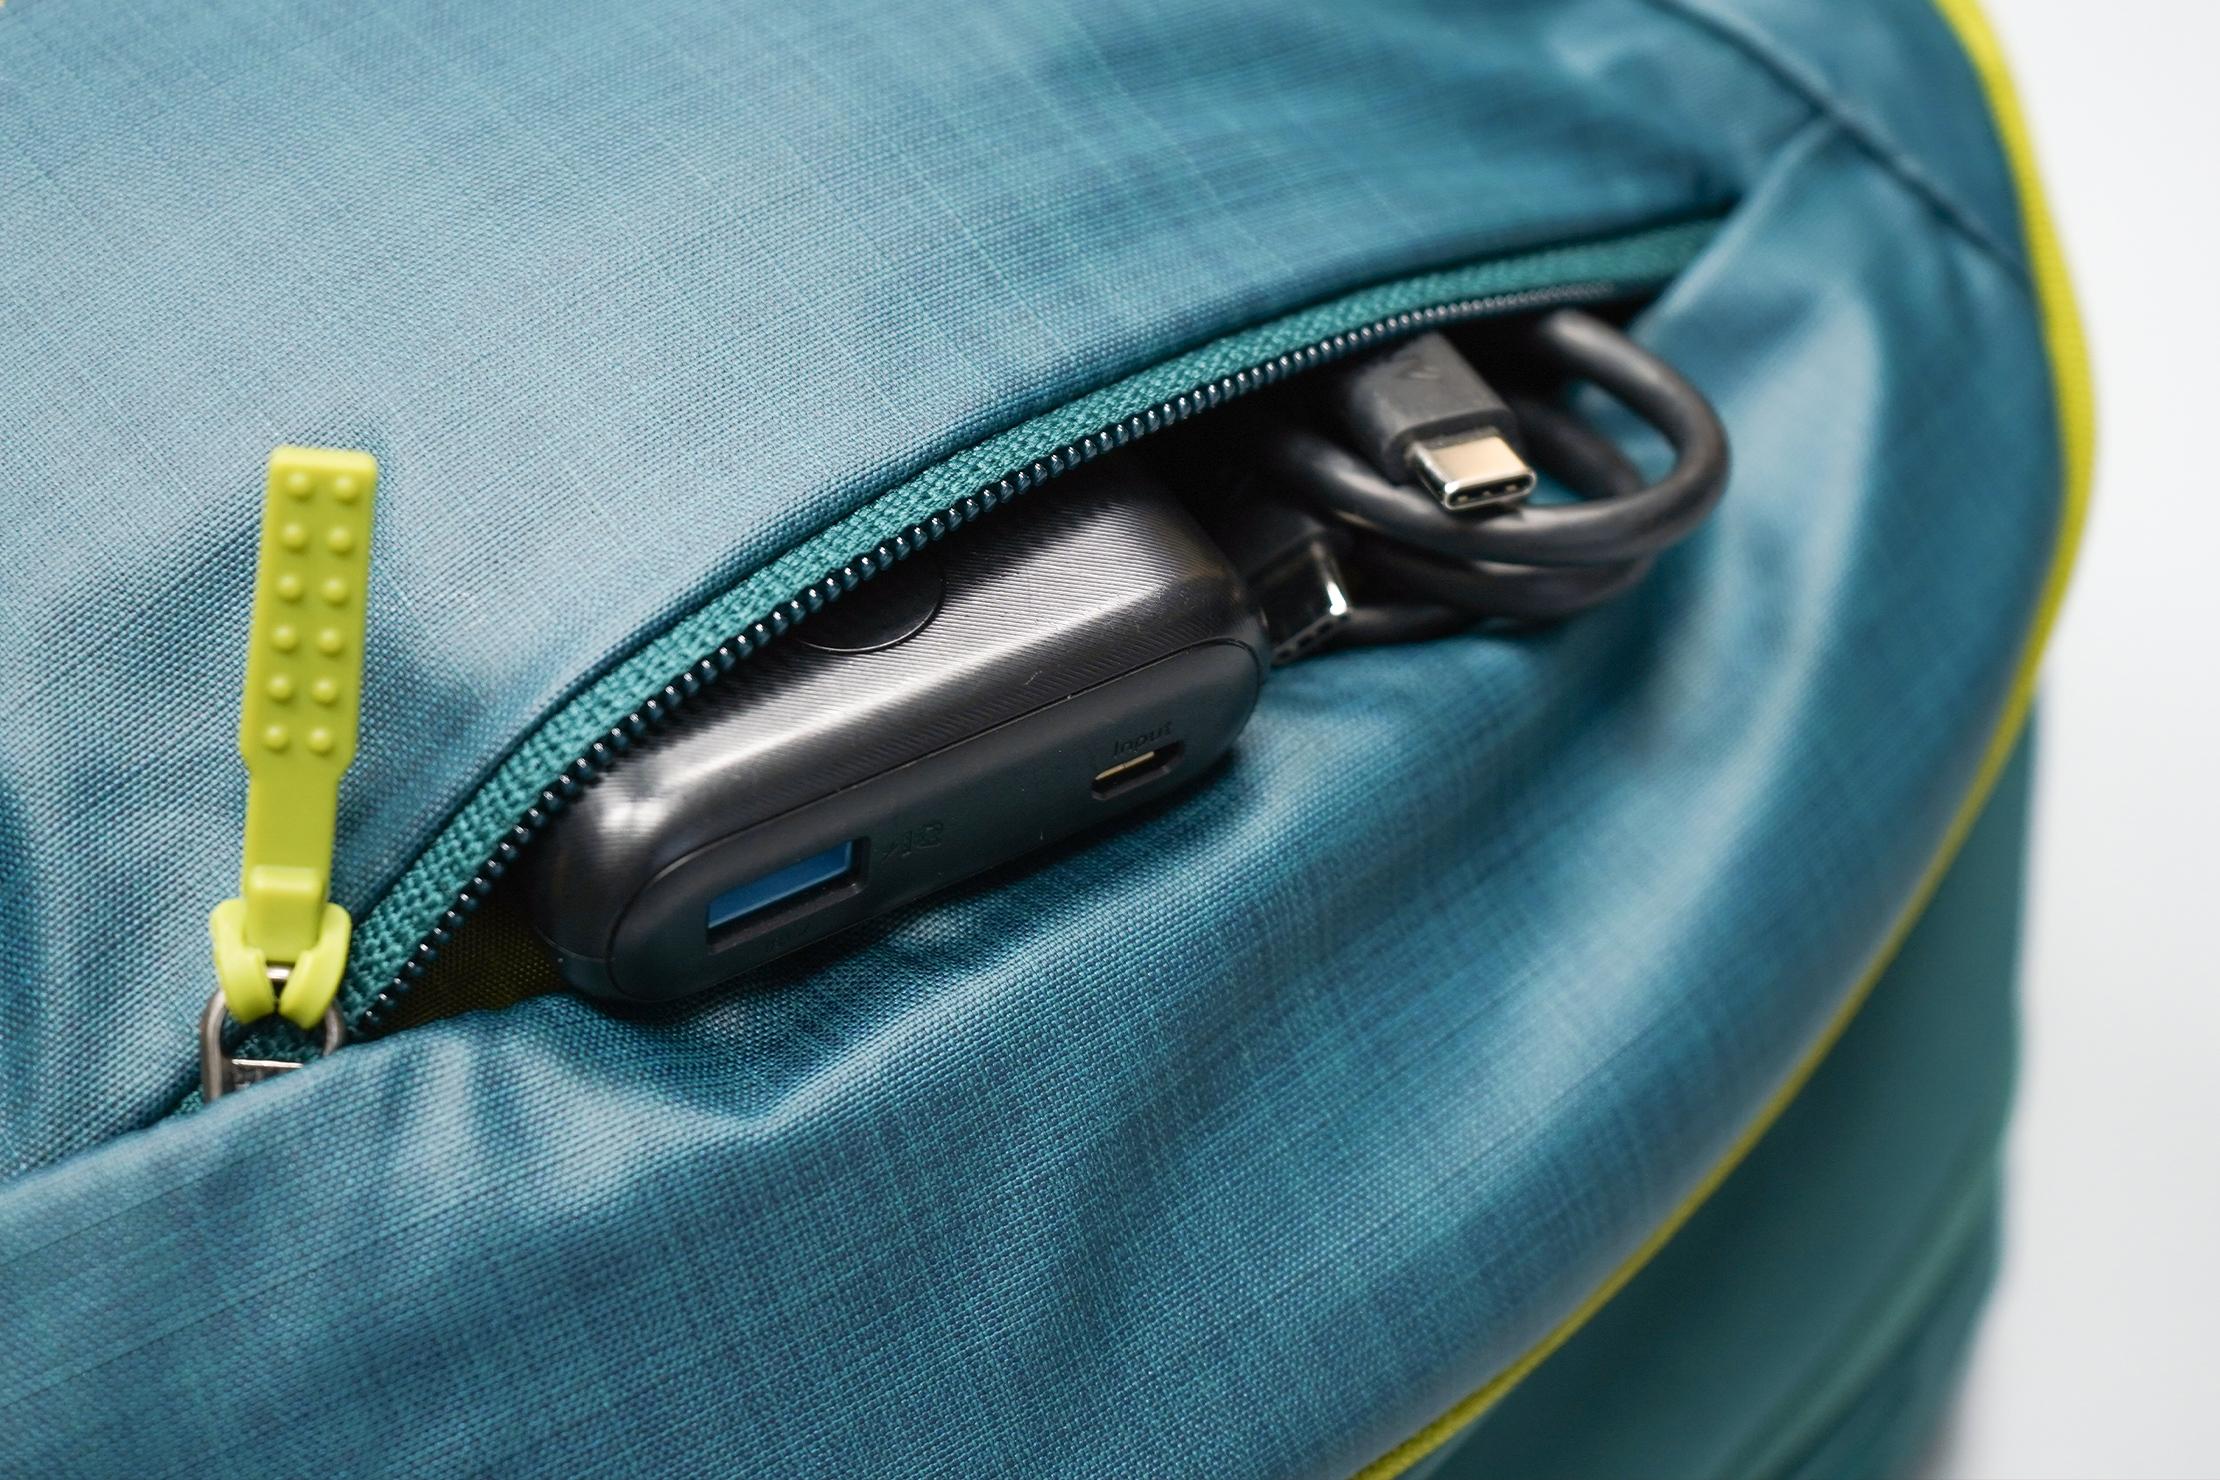 Gregory Resin 26 Backpack Front Pocket